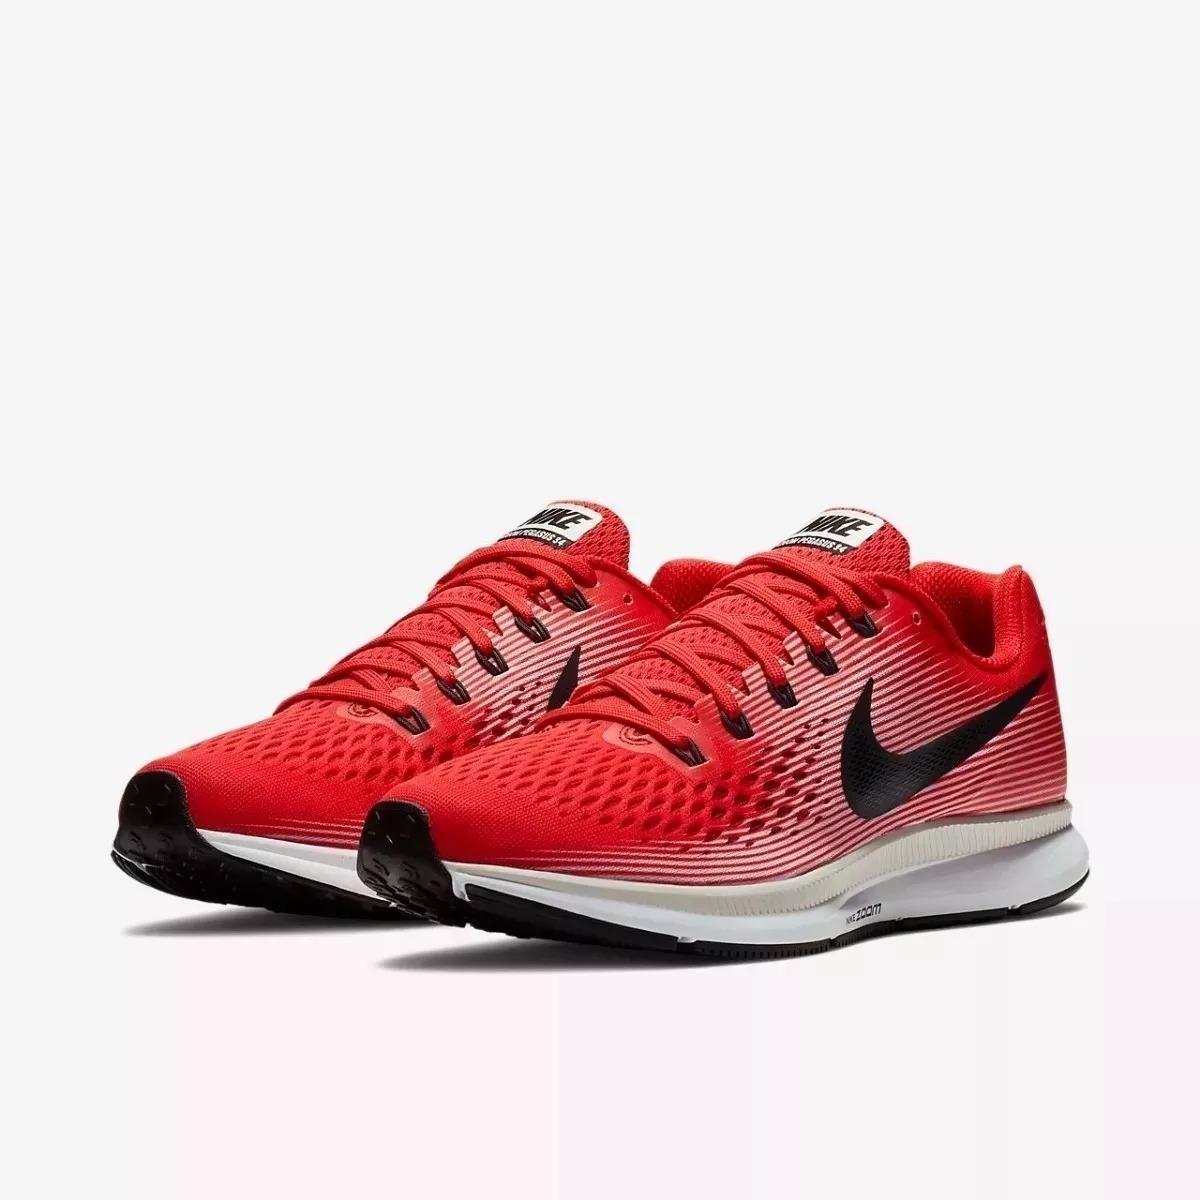 size 40 a6305 6fb68 zapatillas nike air zoom pegasus 33|hombre|running|rojo|sale. Cargando zoom.